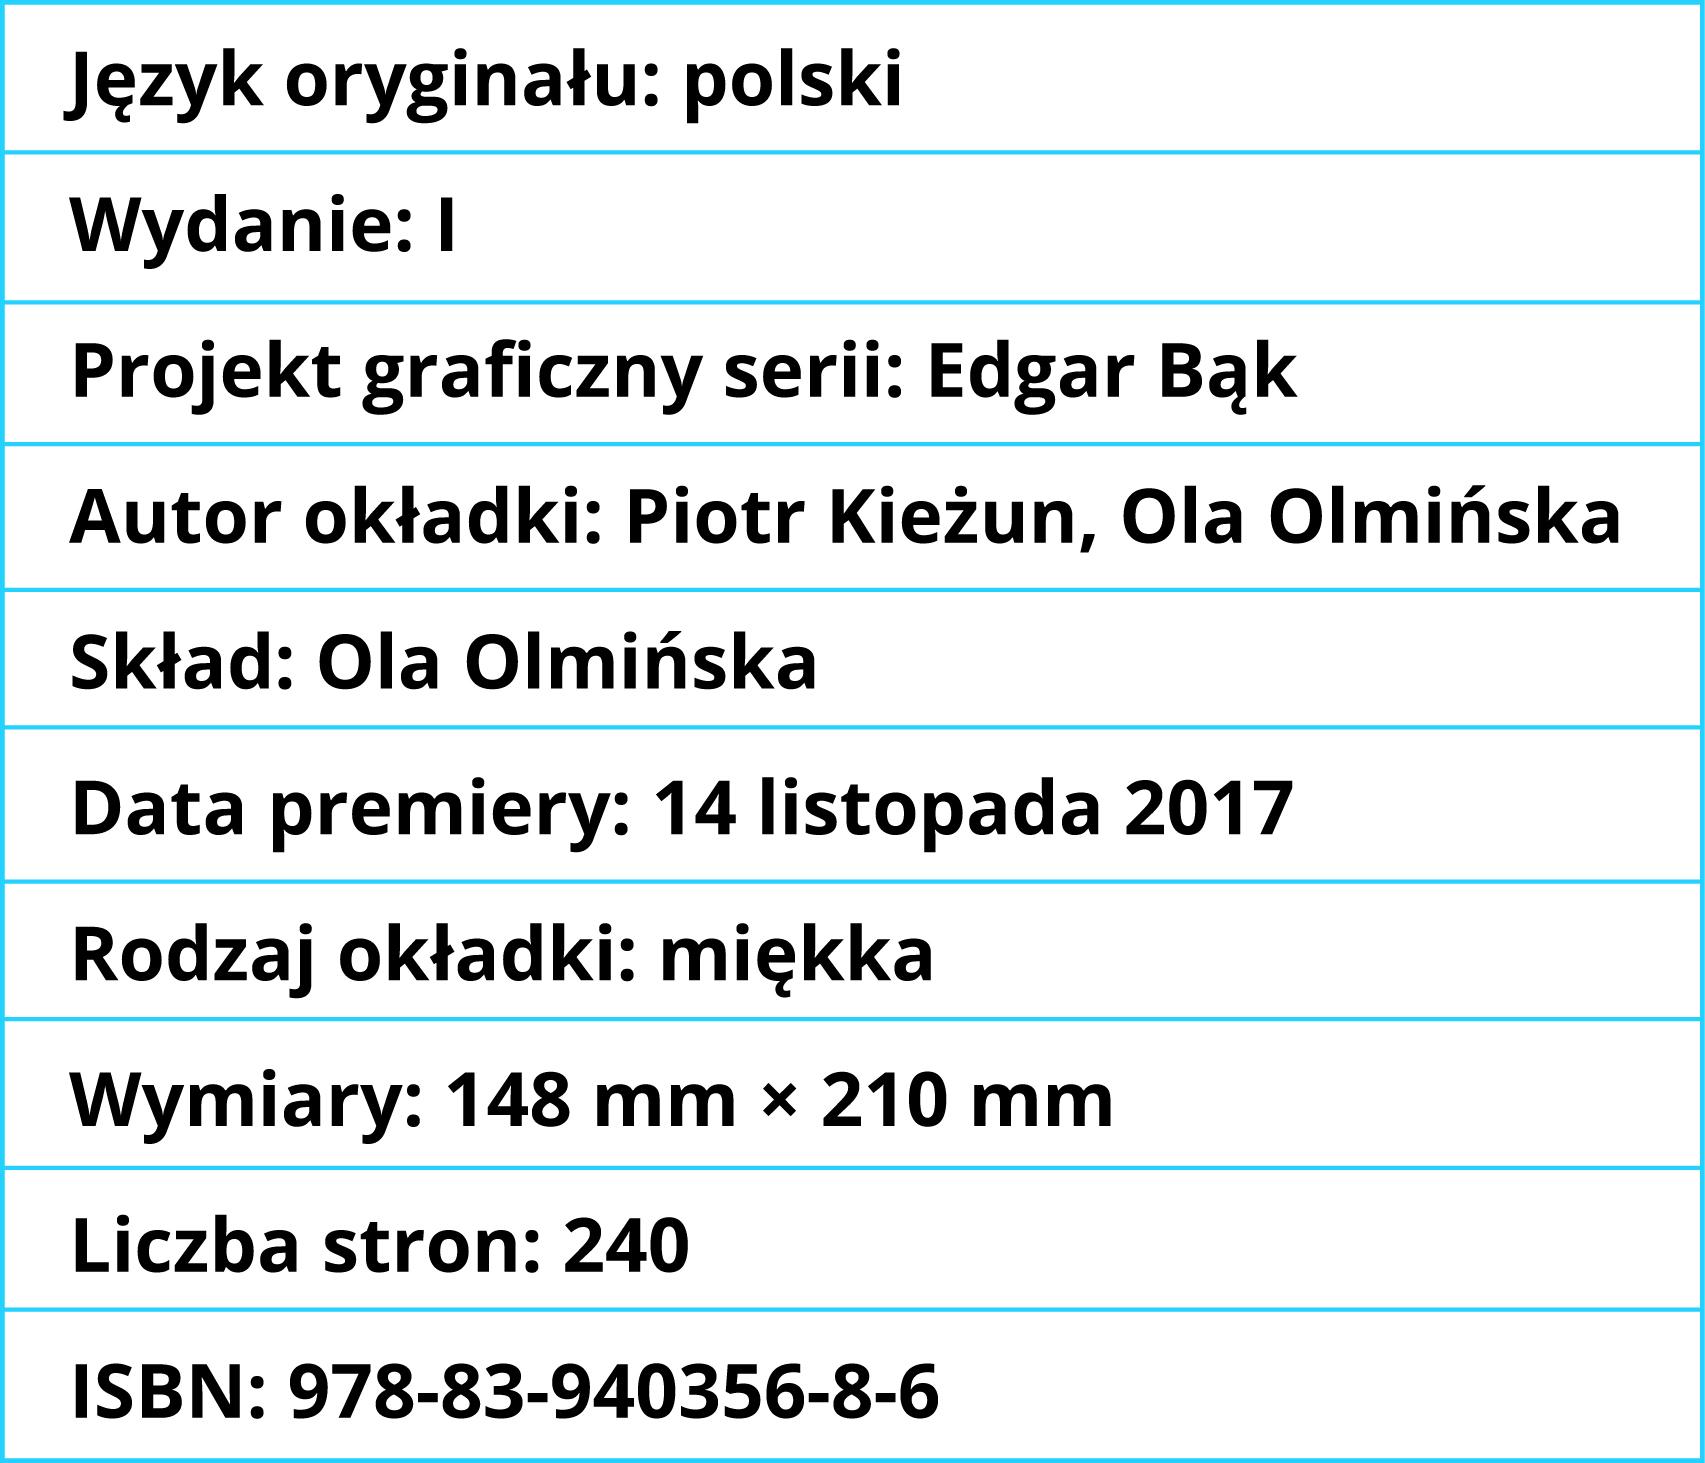 nota bibliograficzna_kaczmarek